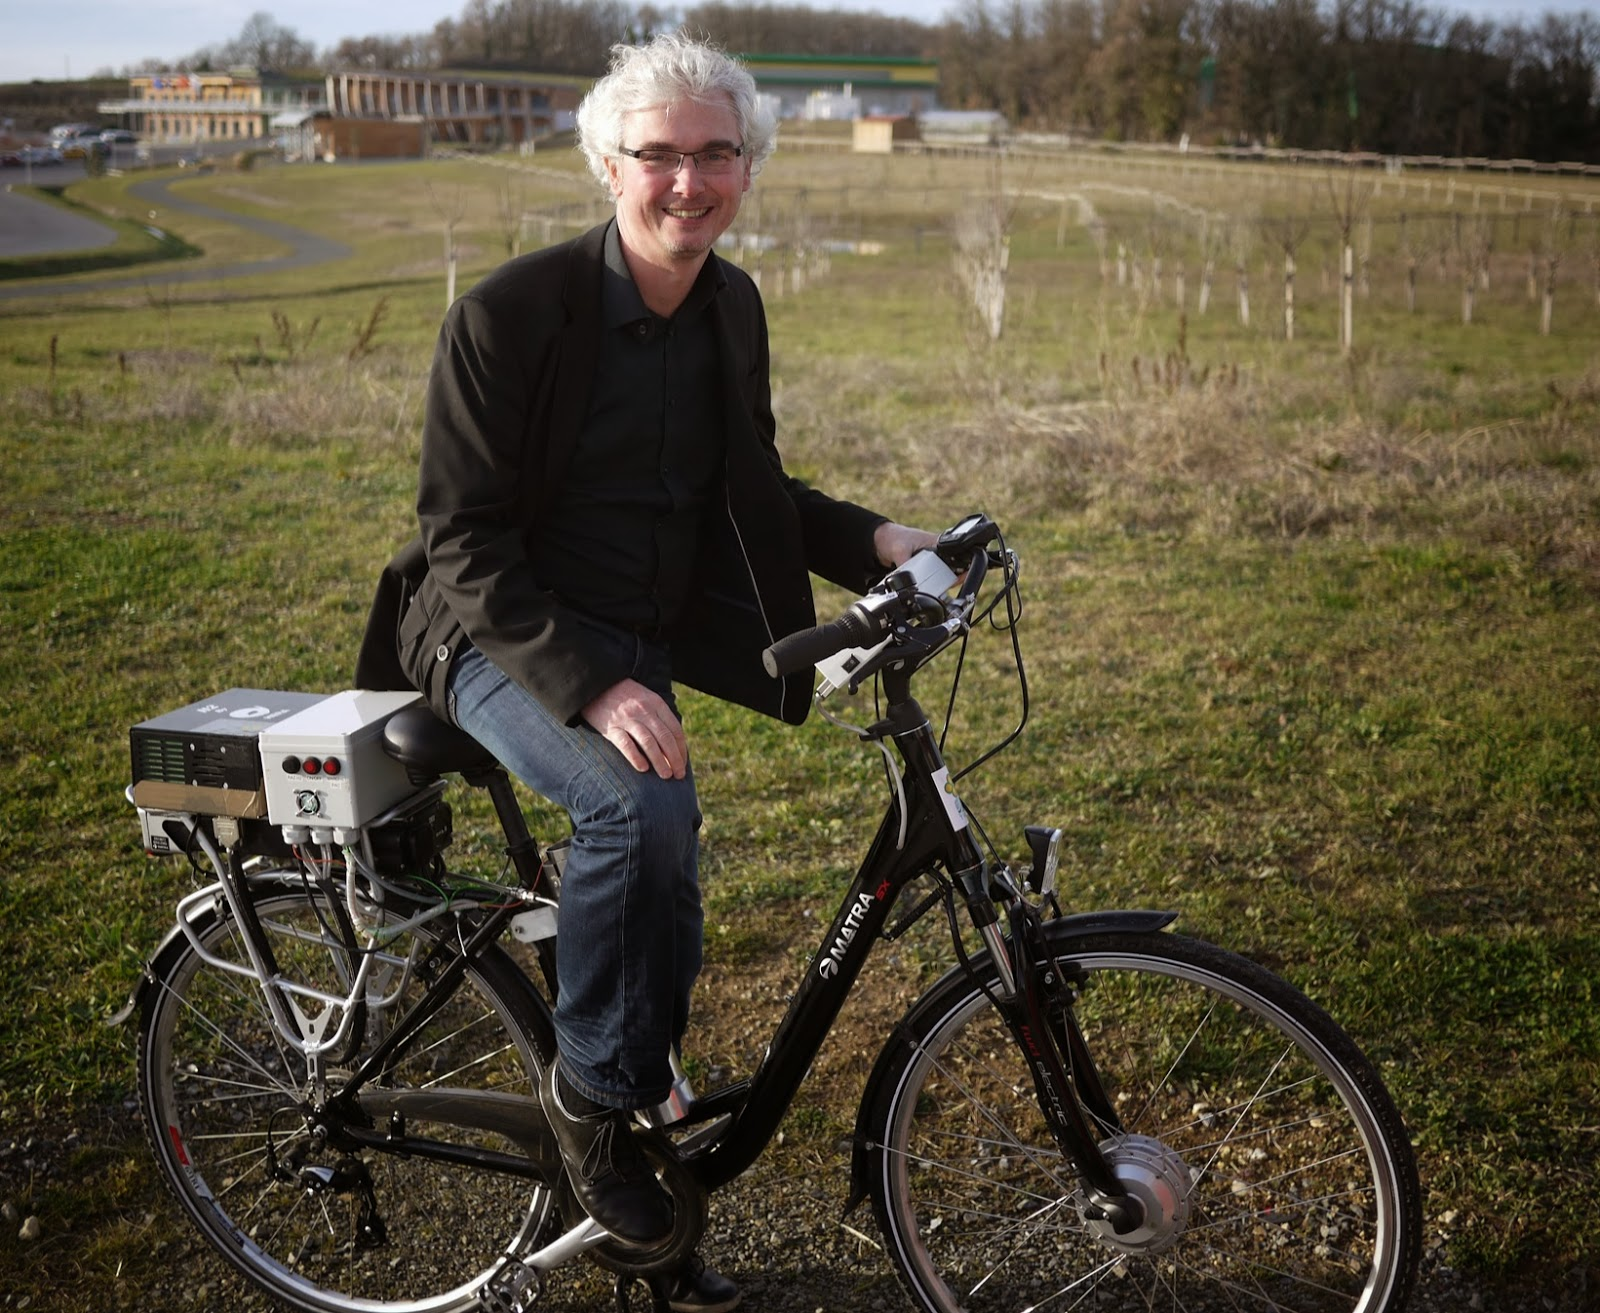 vélo avec pile à combustible - Philippe Goirand